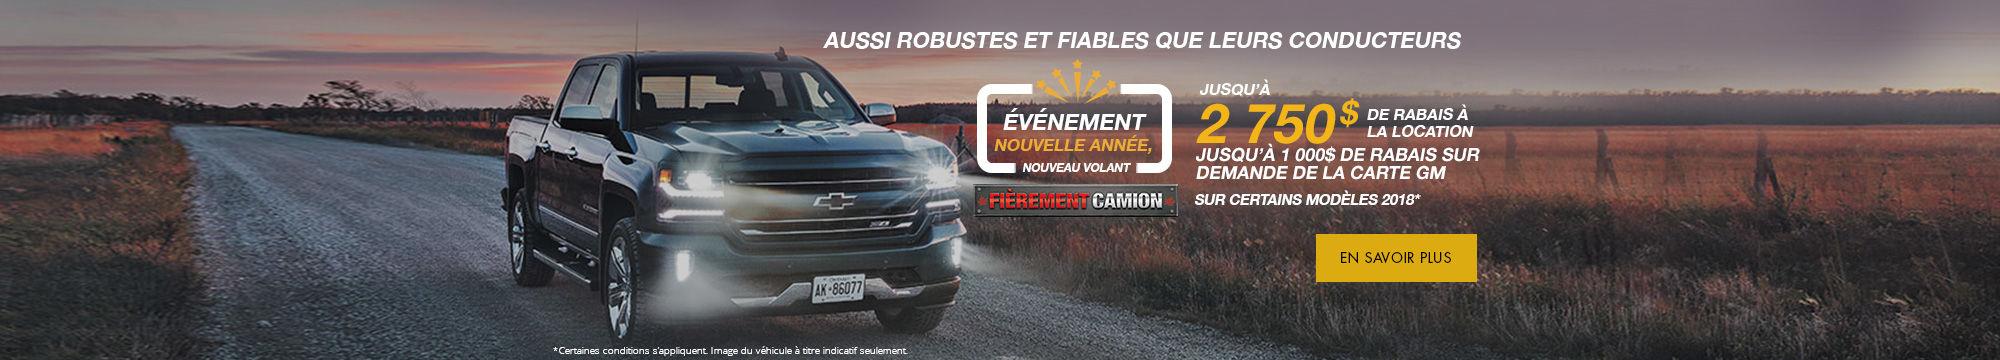 Nouvelle année, nouveau volant - Chevrolet